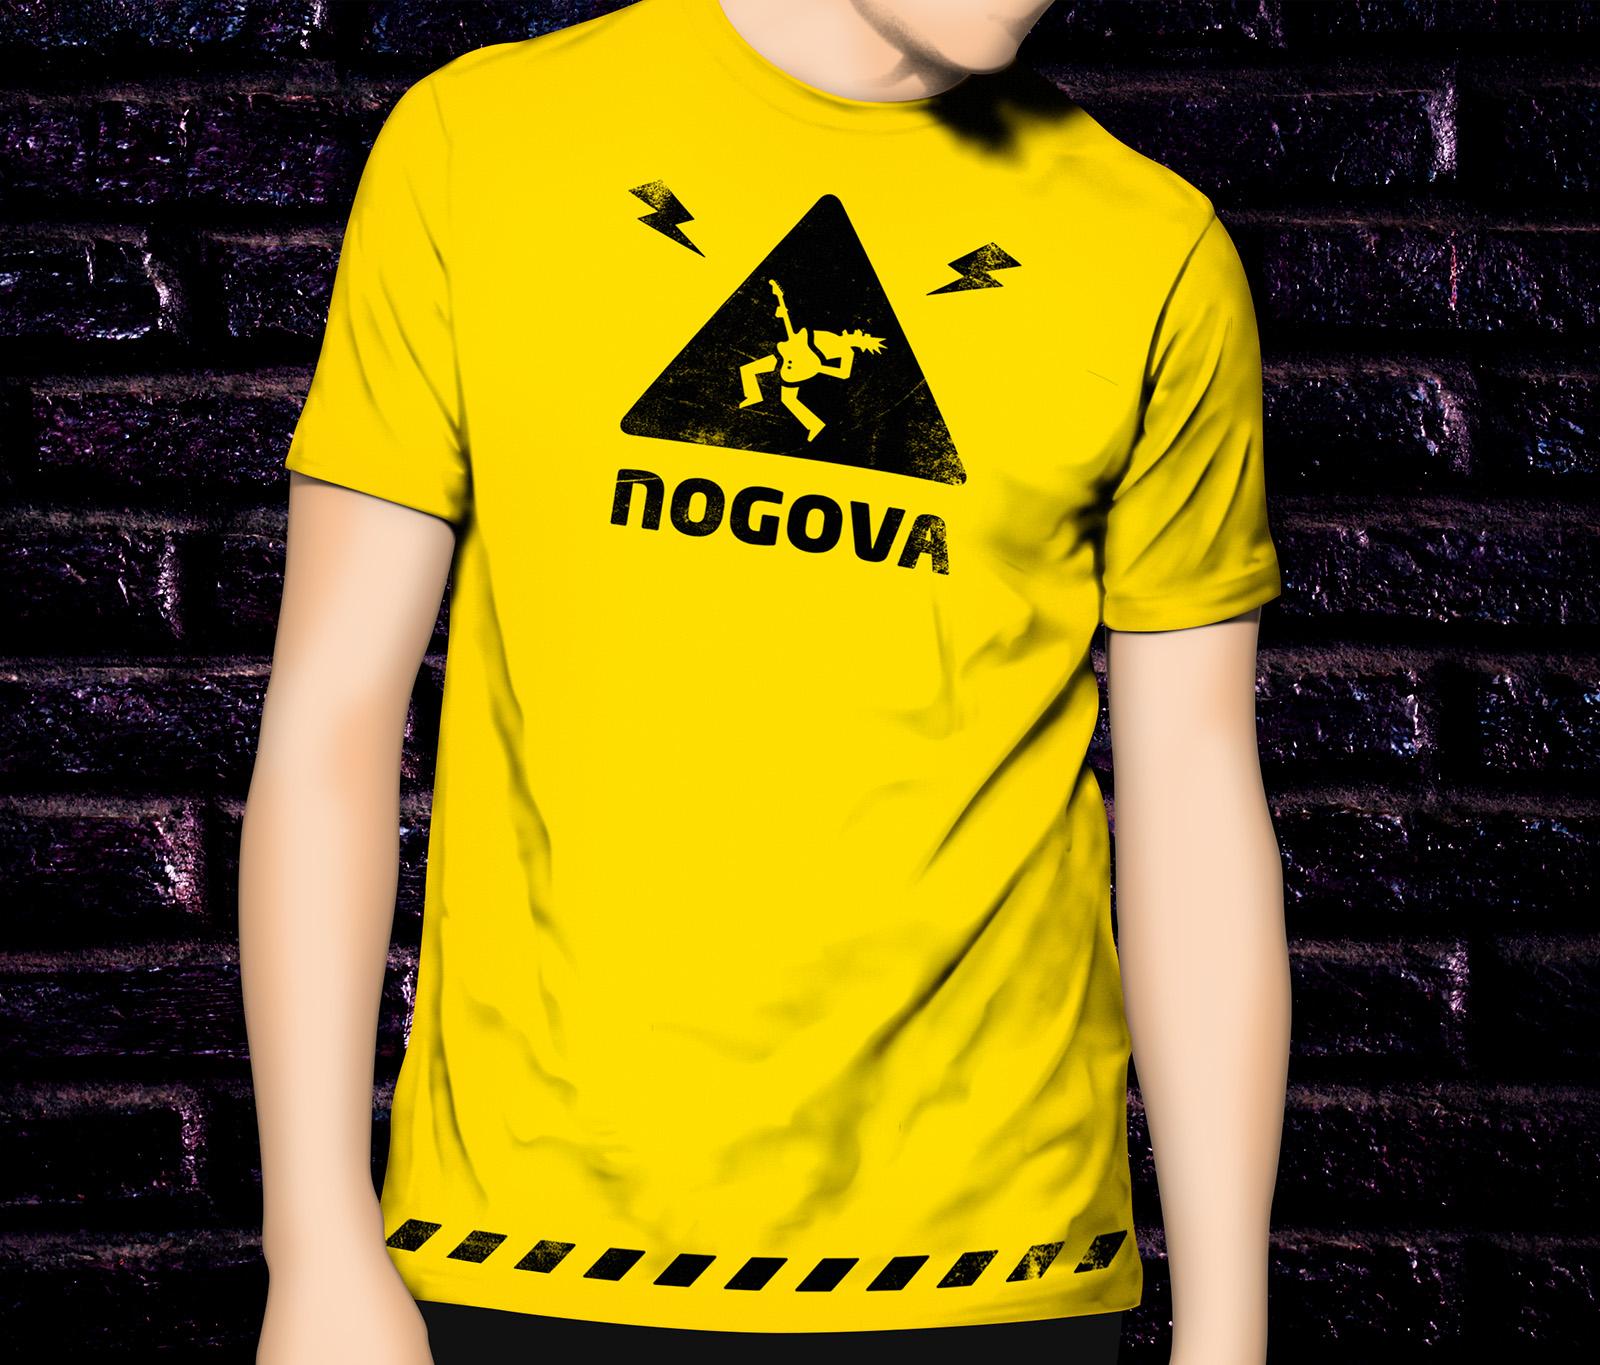 NOGOVA - T-shirt